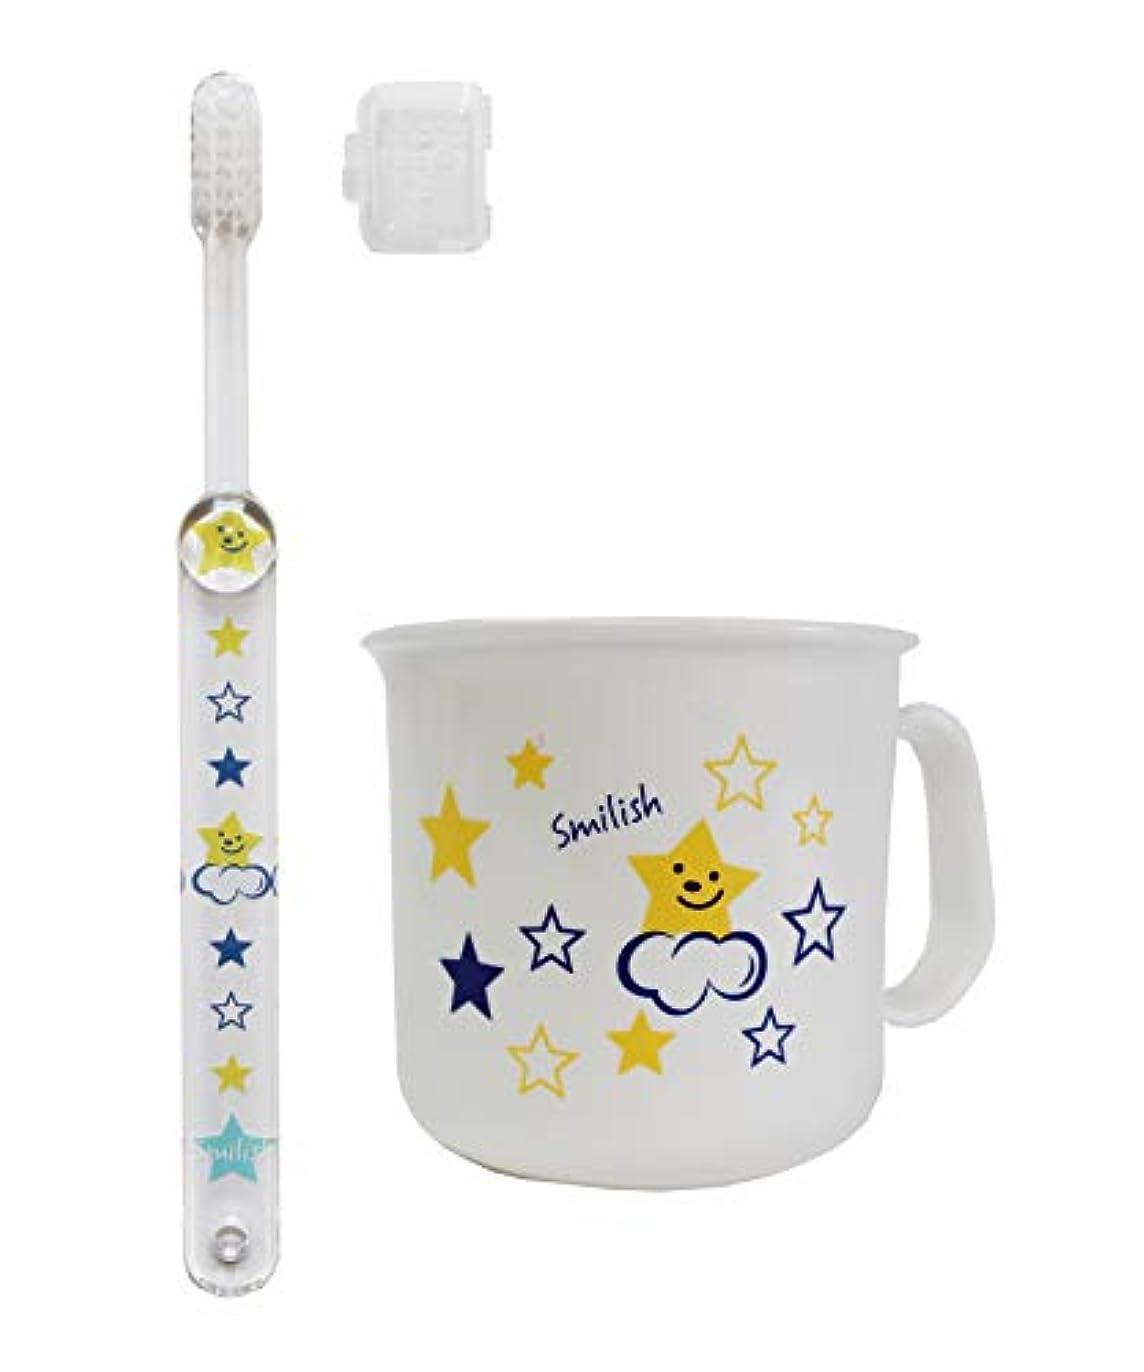 荒野報復する万一に備えて子ども歯ブラシ(キャップ付き) 耐熱コップセット スマイリースター柄